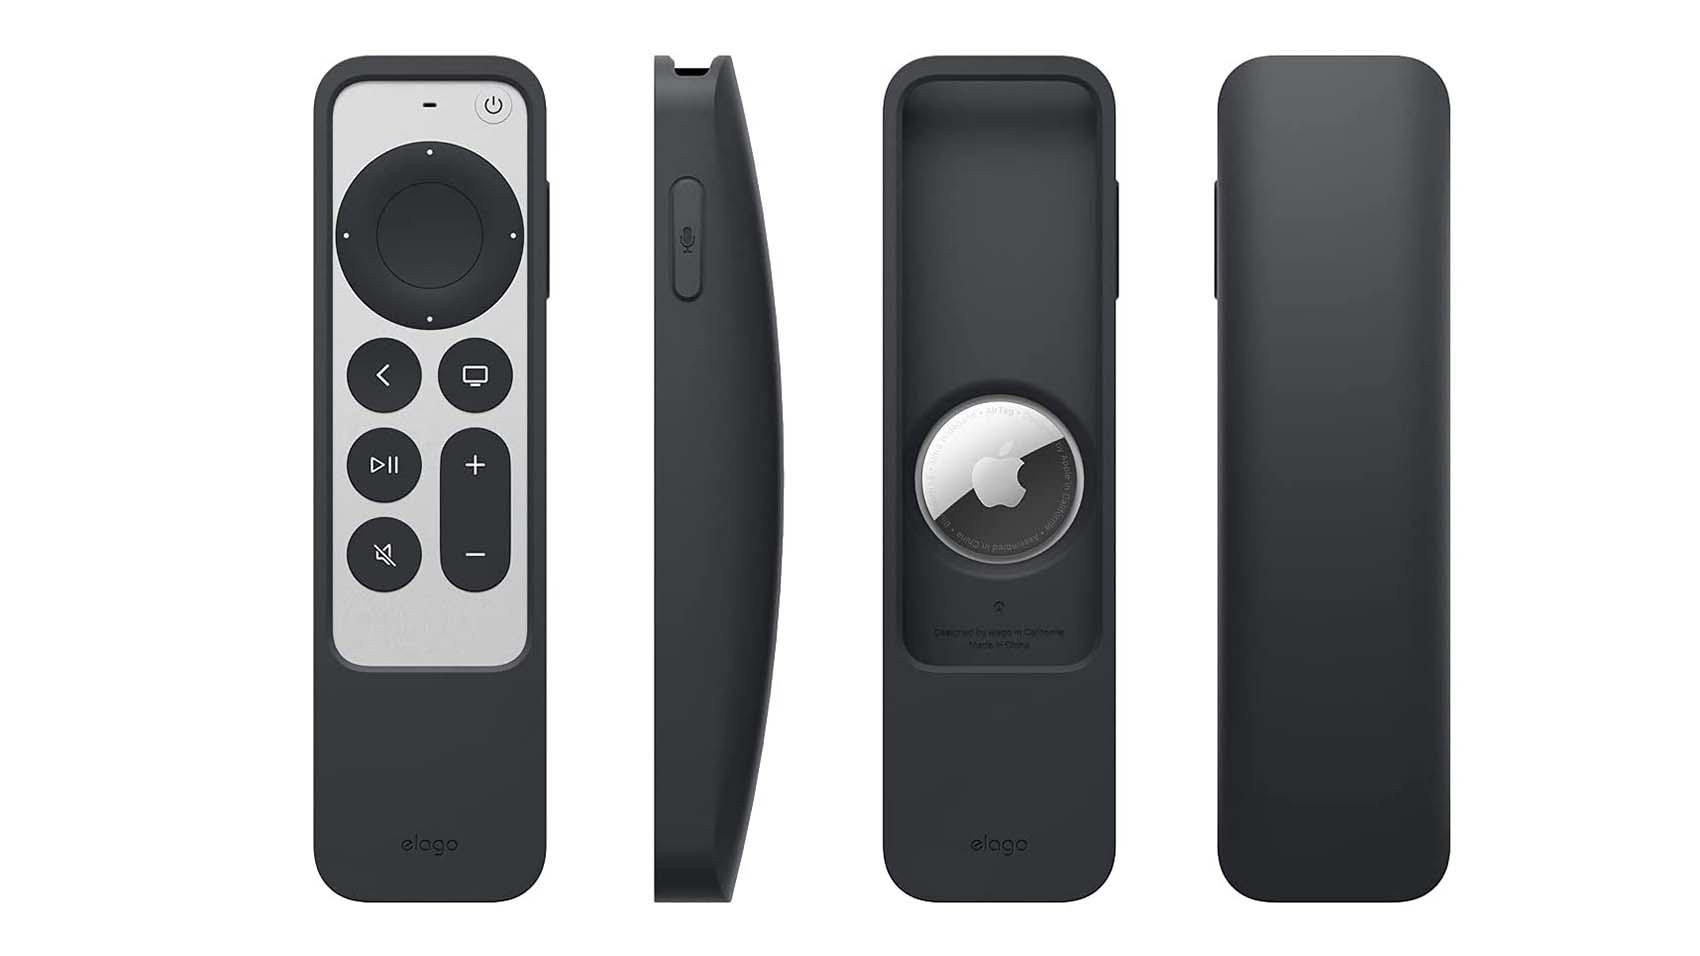 Elago Apple TV remote case